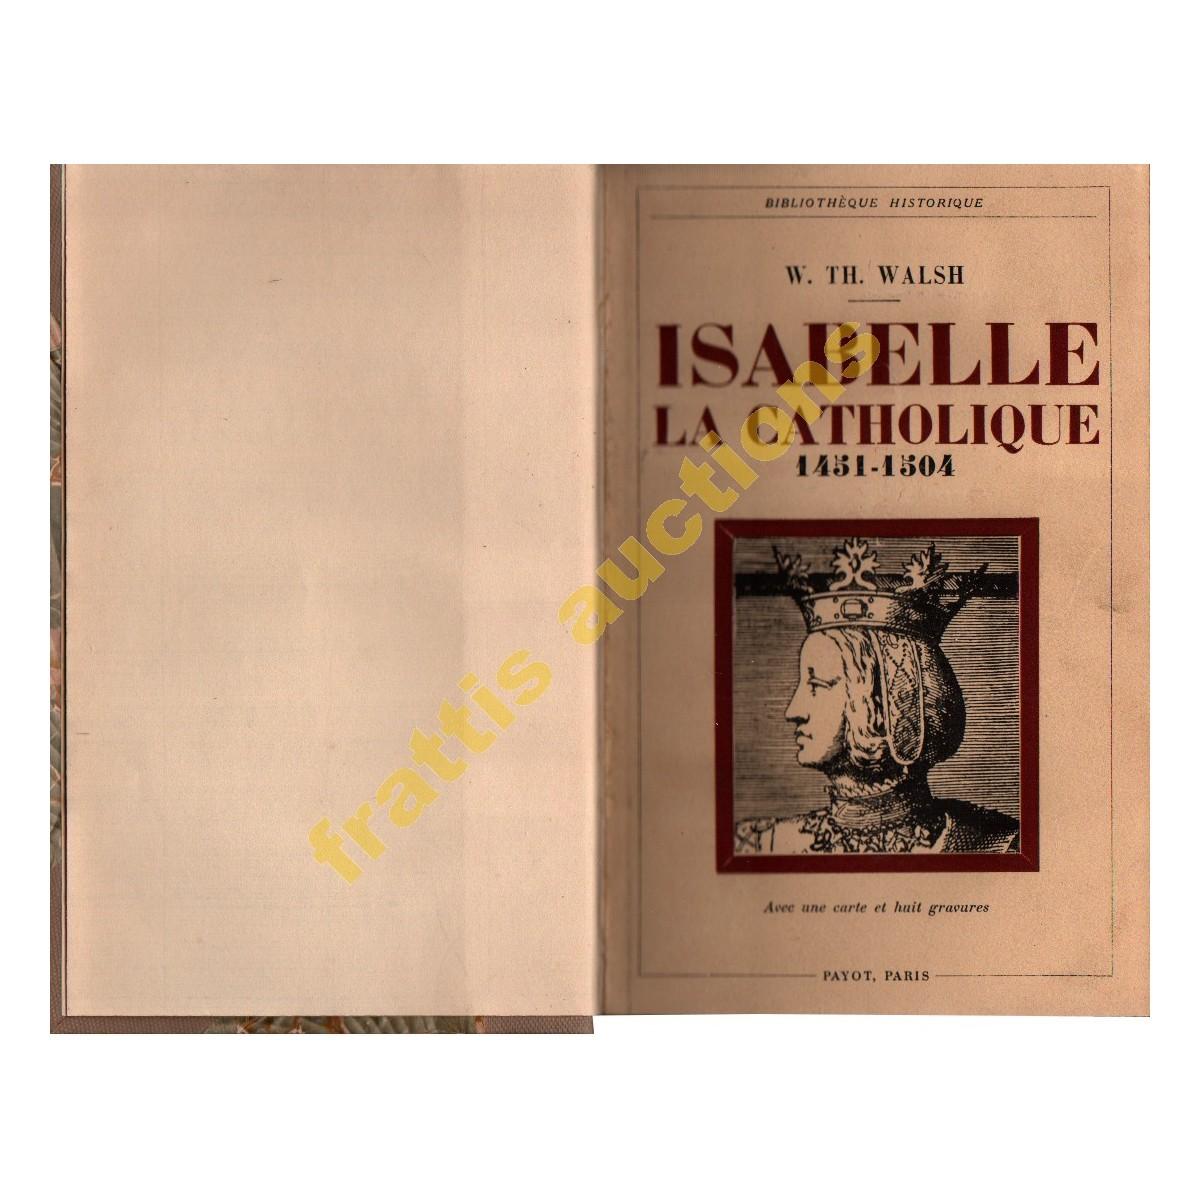 Isabelle la Catholique 1451-1504,Walsh, 1932.